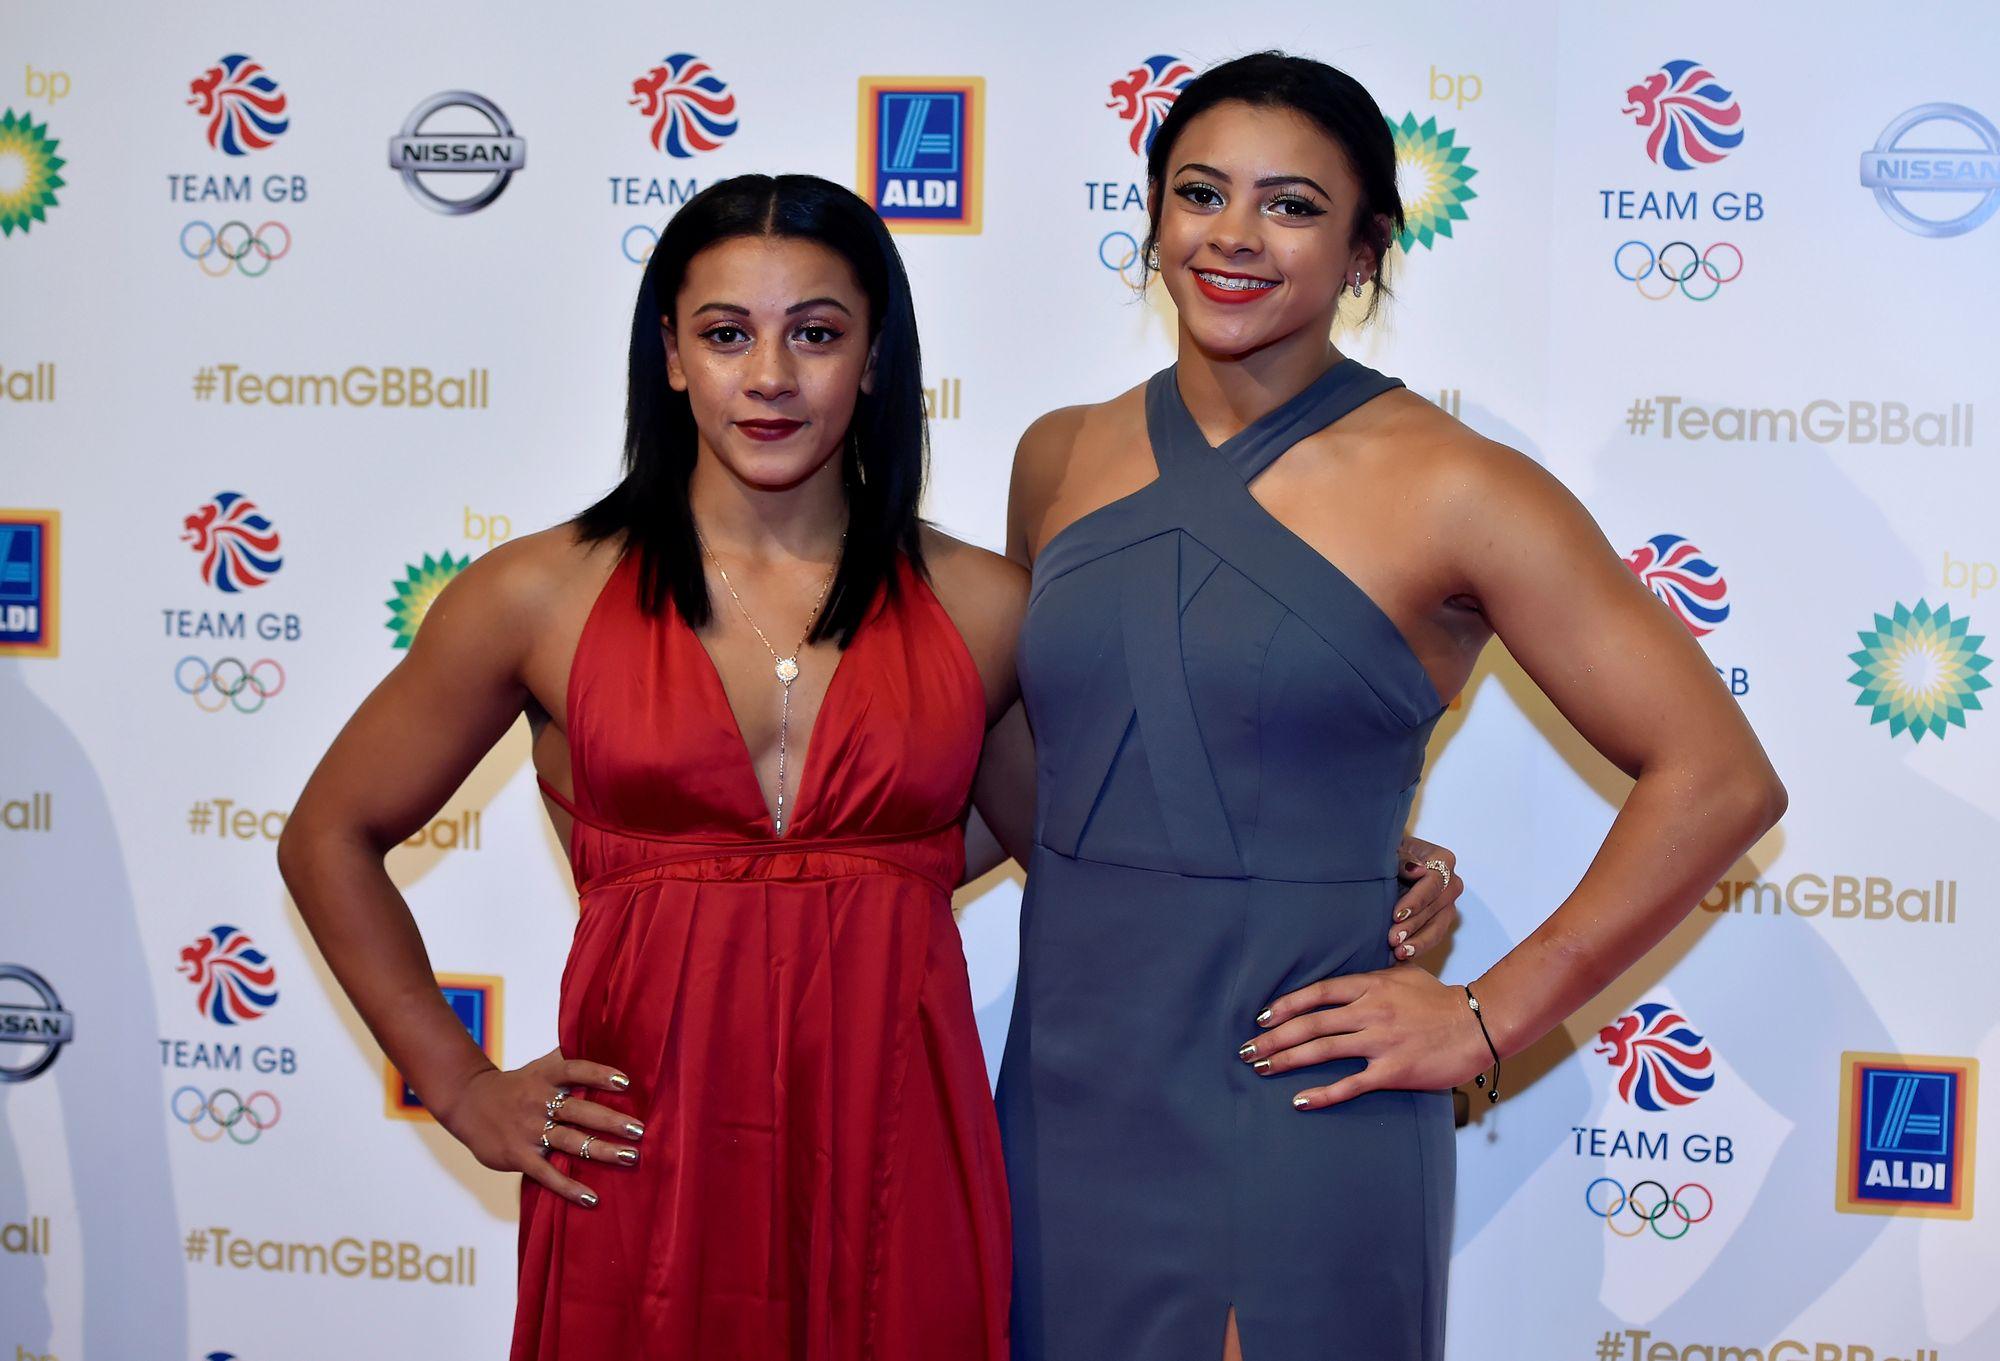 """Gymnastique: 2 médaillées mondiales britanniques dénoncent la """"culture de la peur"""""""